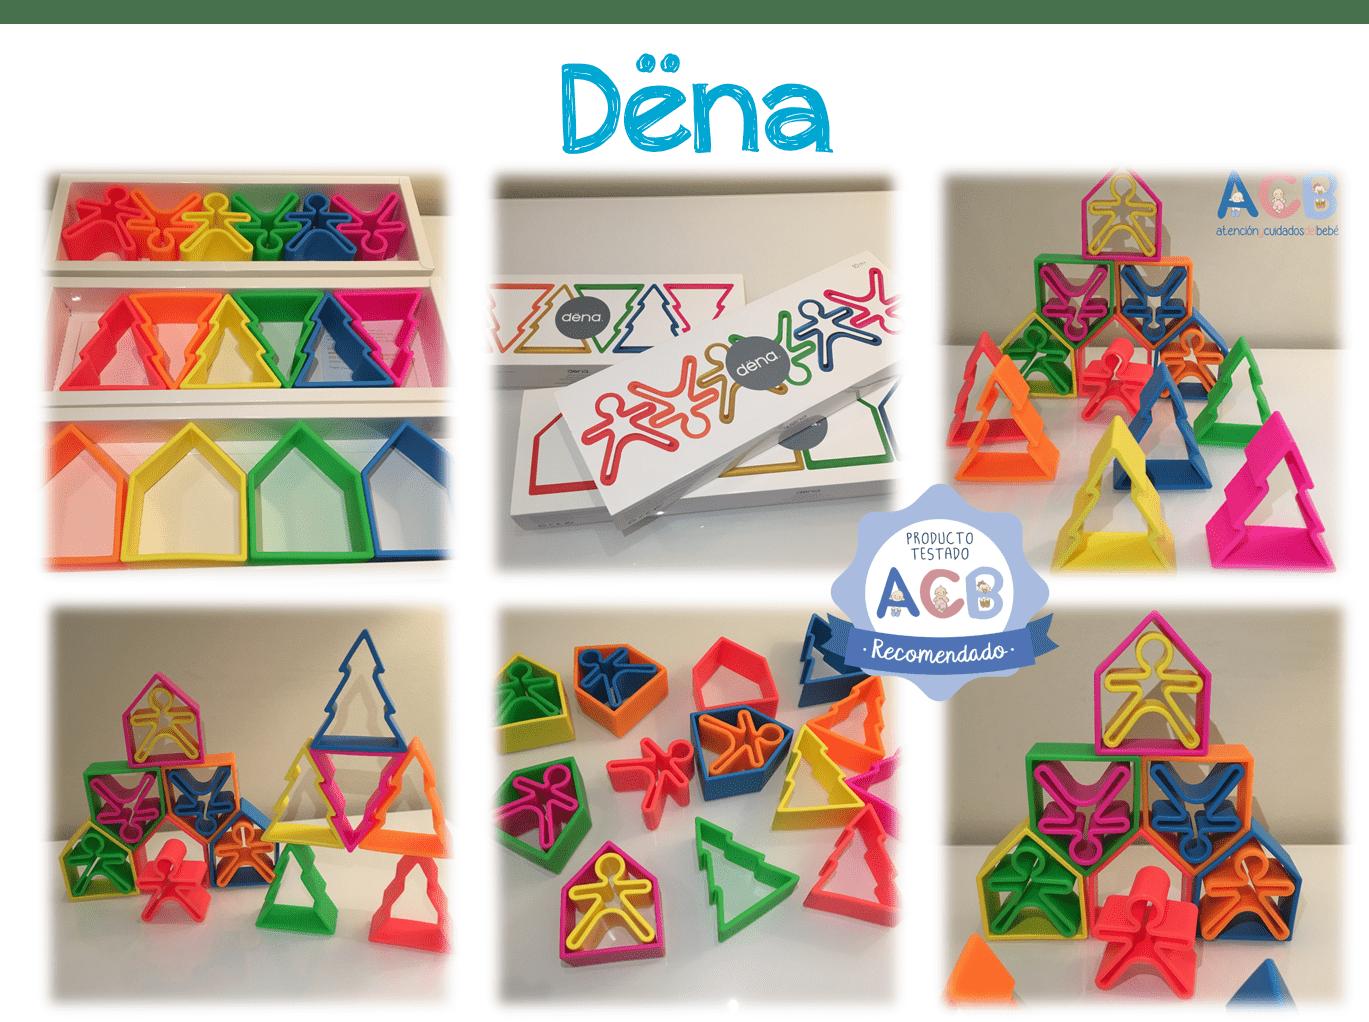 juguetes educativos Dëna, la mejor opción para la primera